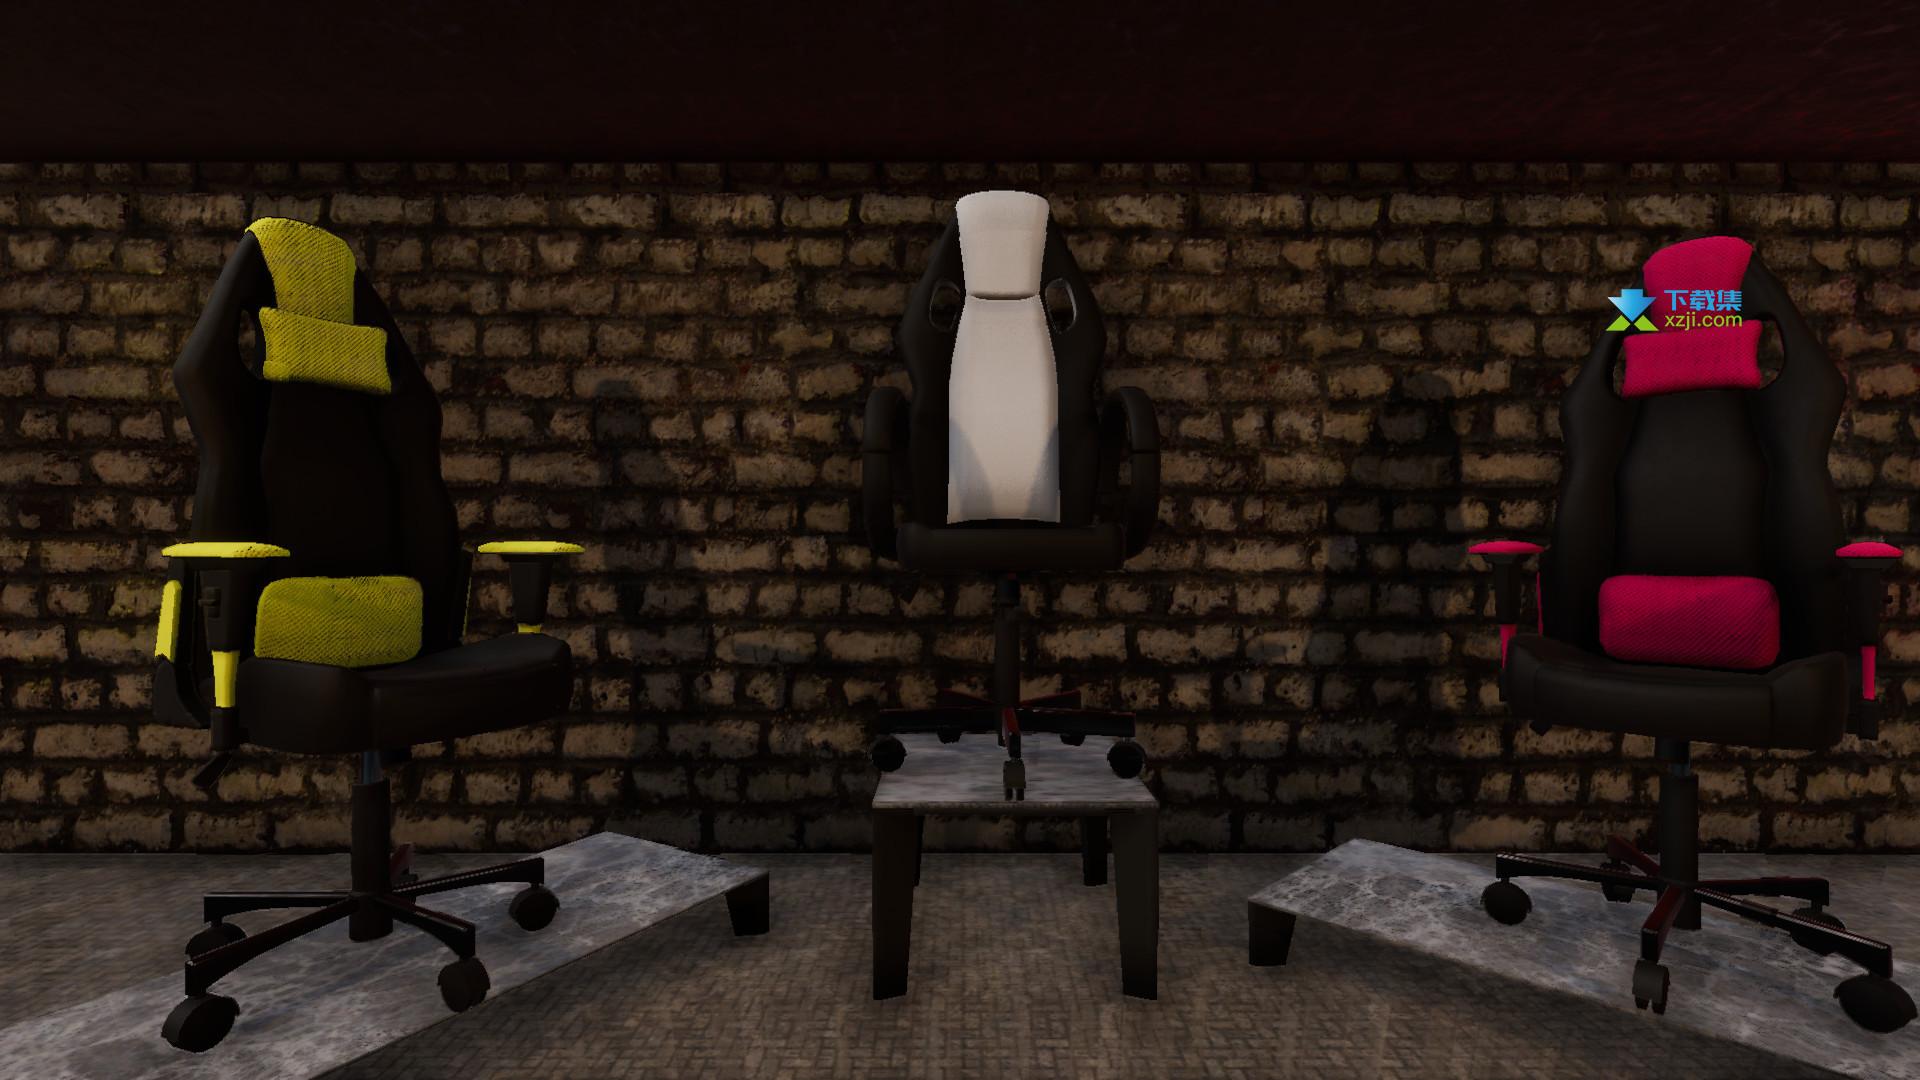 游戏商店模拟器界面1